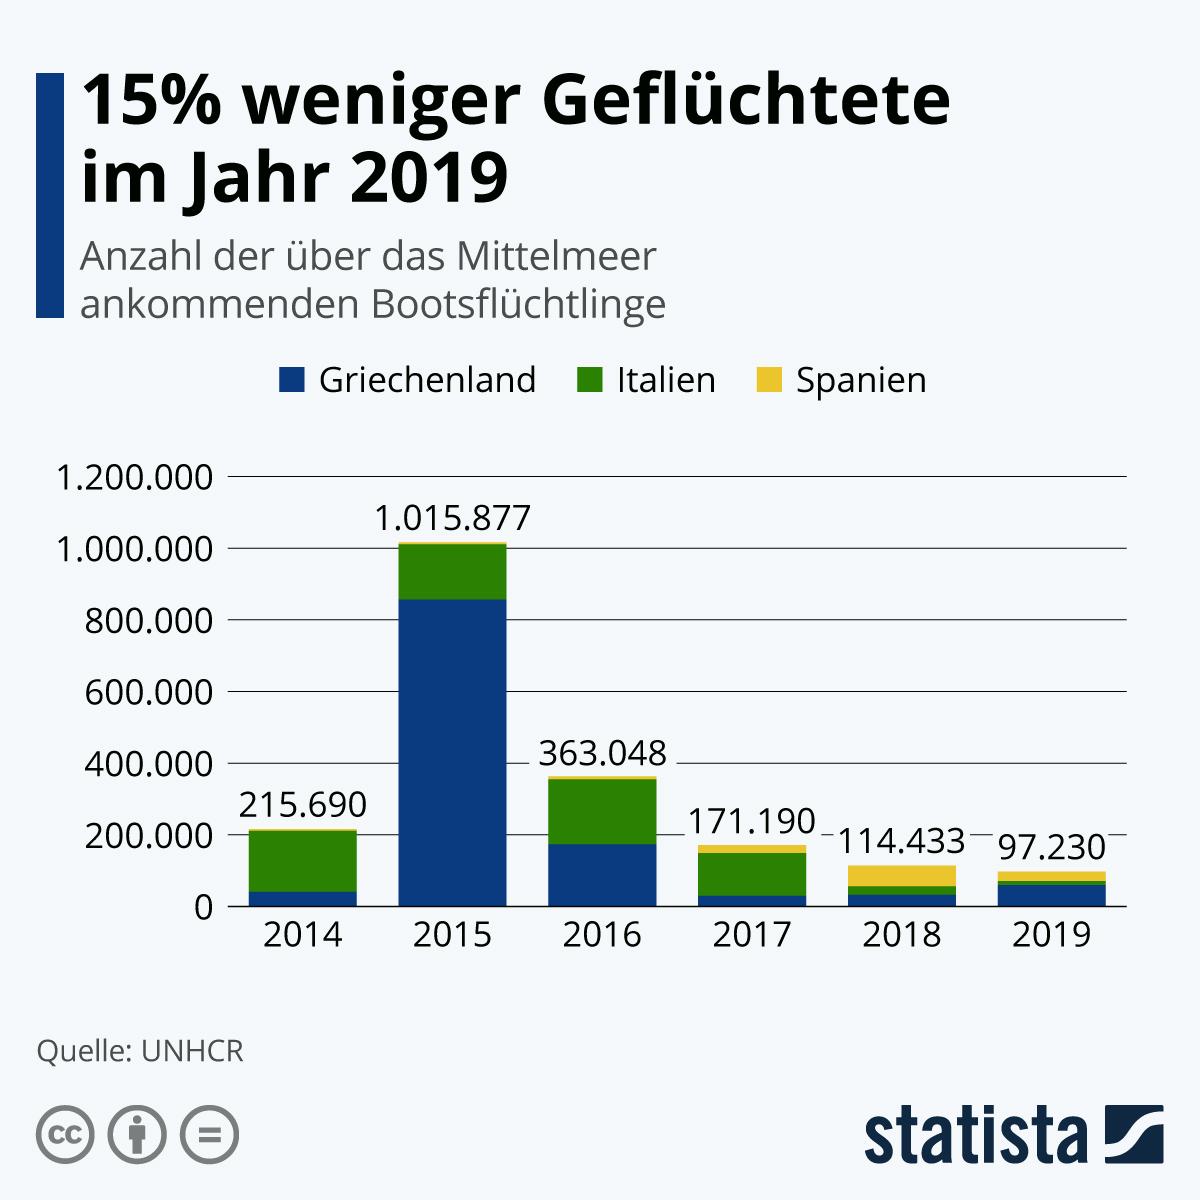 Infografik: 15% weniger Geflüchtete im Jahr 2019 | Statista